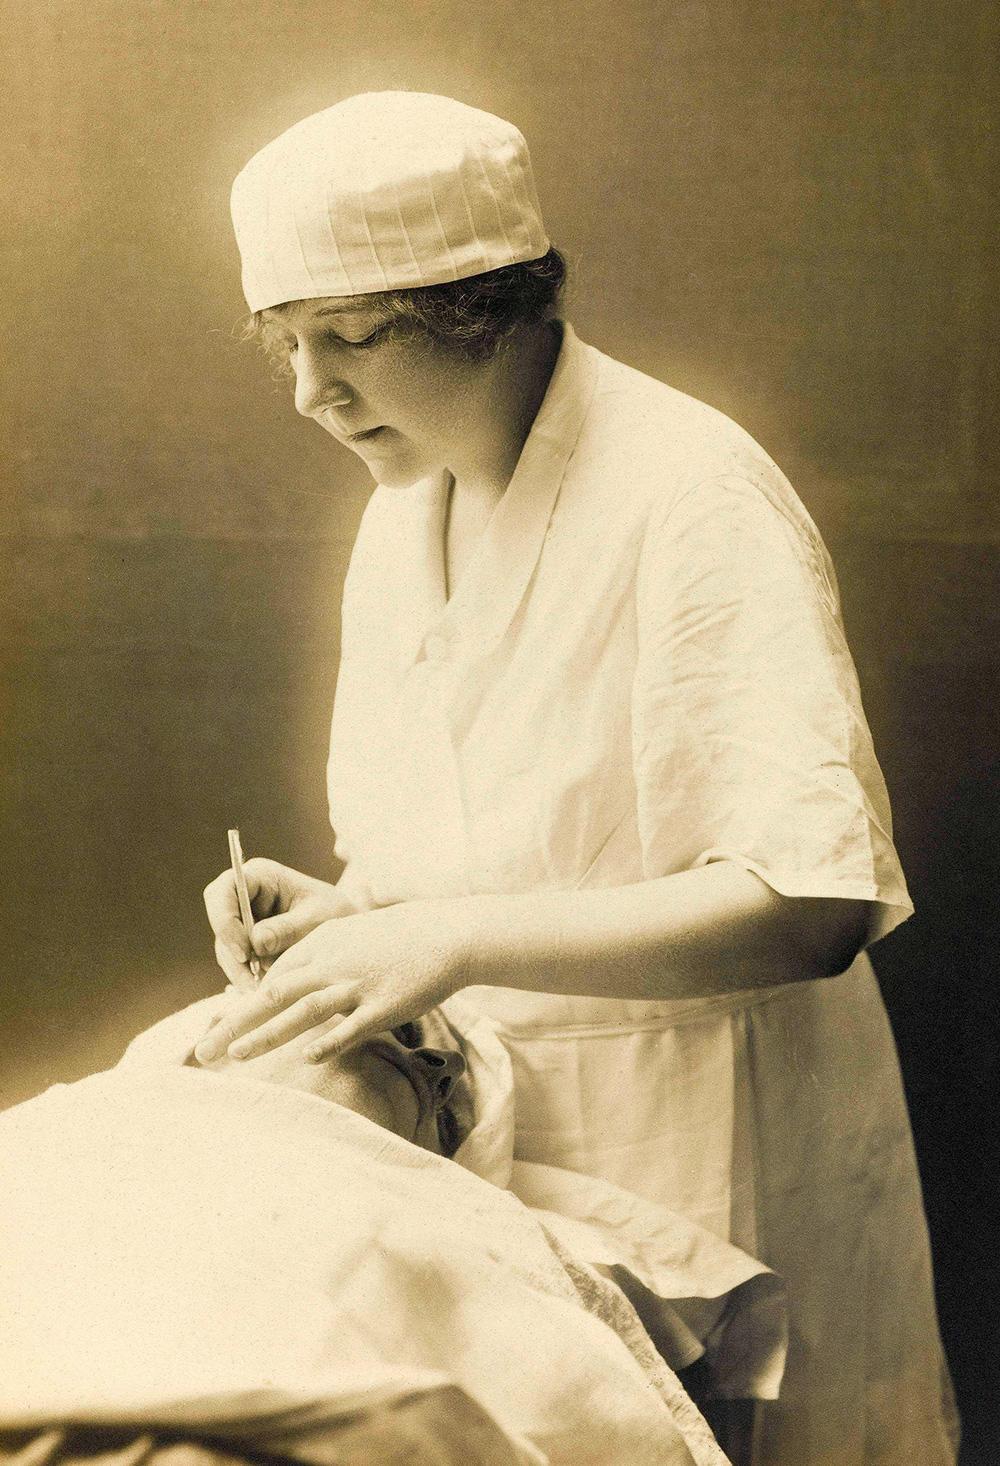 suzanne-noel-journal-d-une-pionniere-de-la-chirurgie-esthetique,m187423